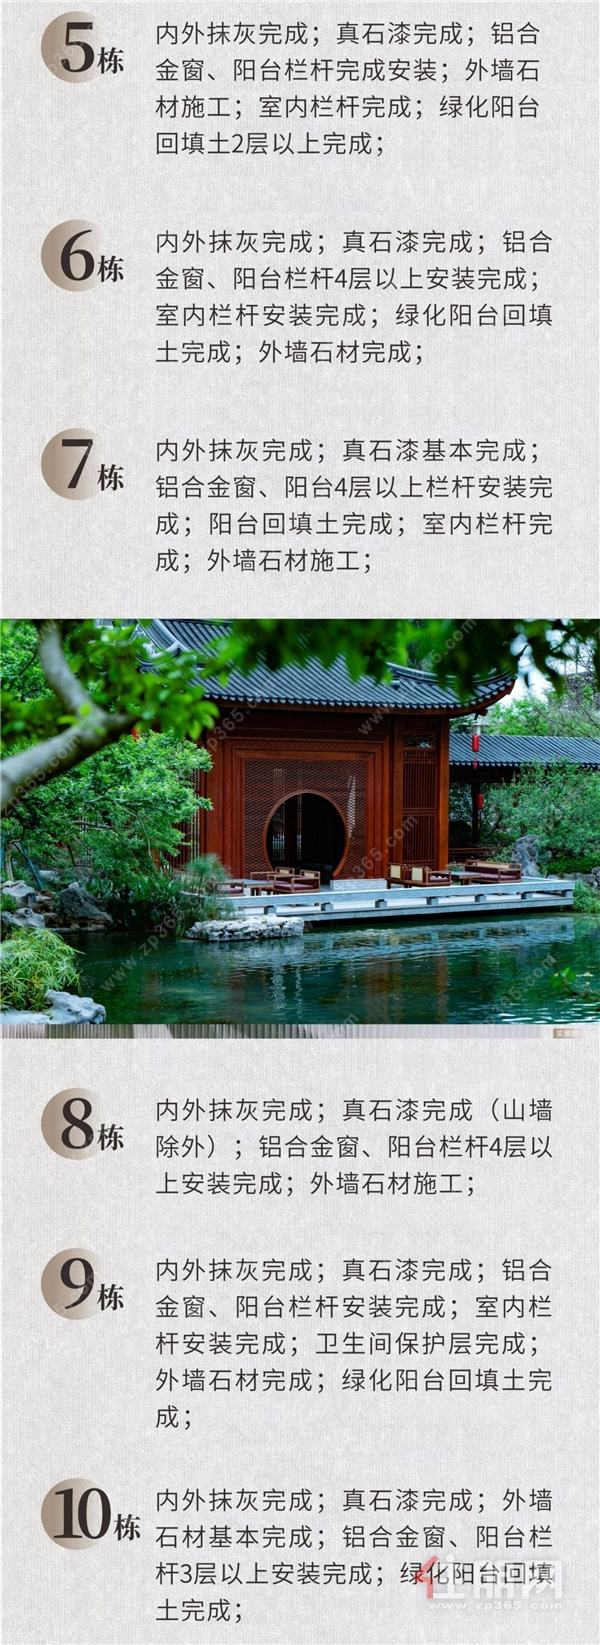 4月家书|春风信徐来,美好共盛境